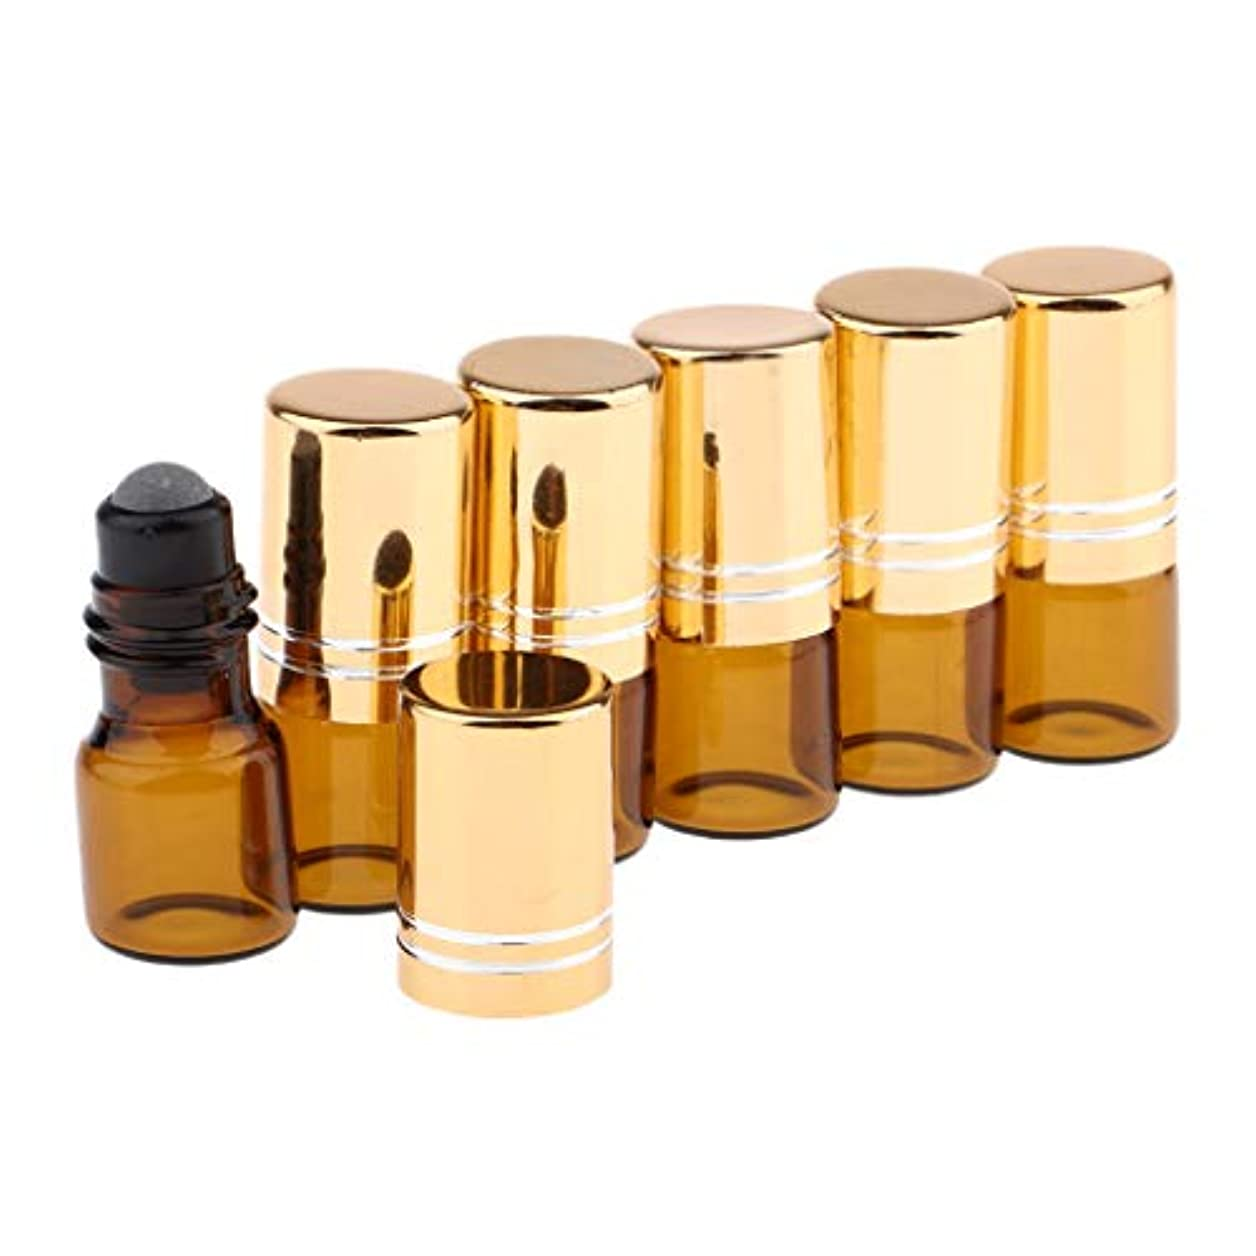 脱臼するドラフト代替CUTICATE ロールオンボトル ガラス容器 化粧品ボトル 2ml 詰め替え 精油 液体 小分け用 保存 6個 全3色 - 金のふた